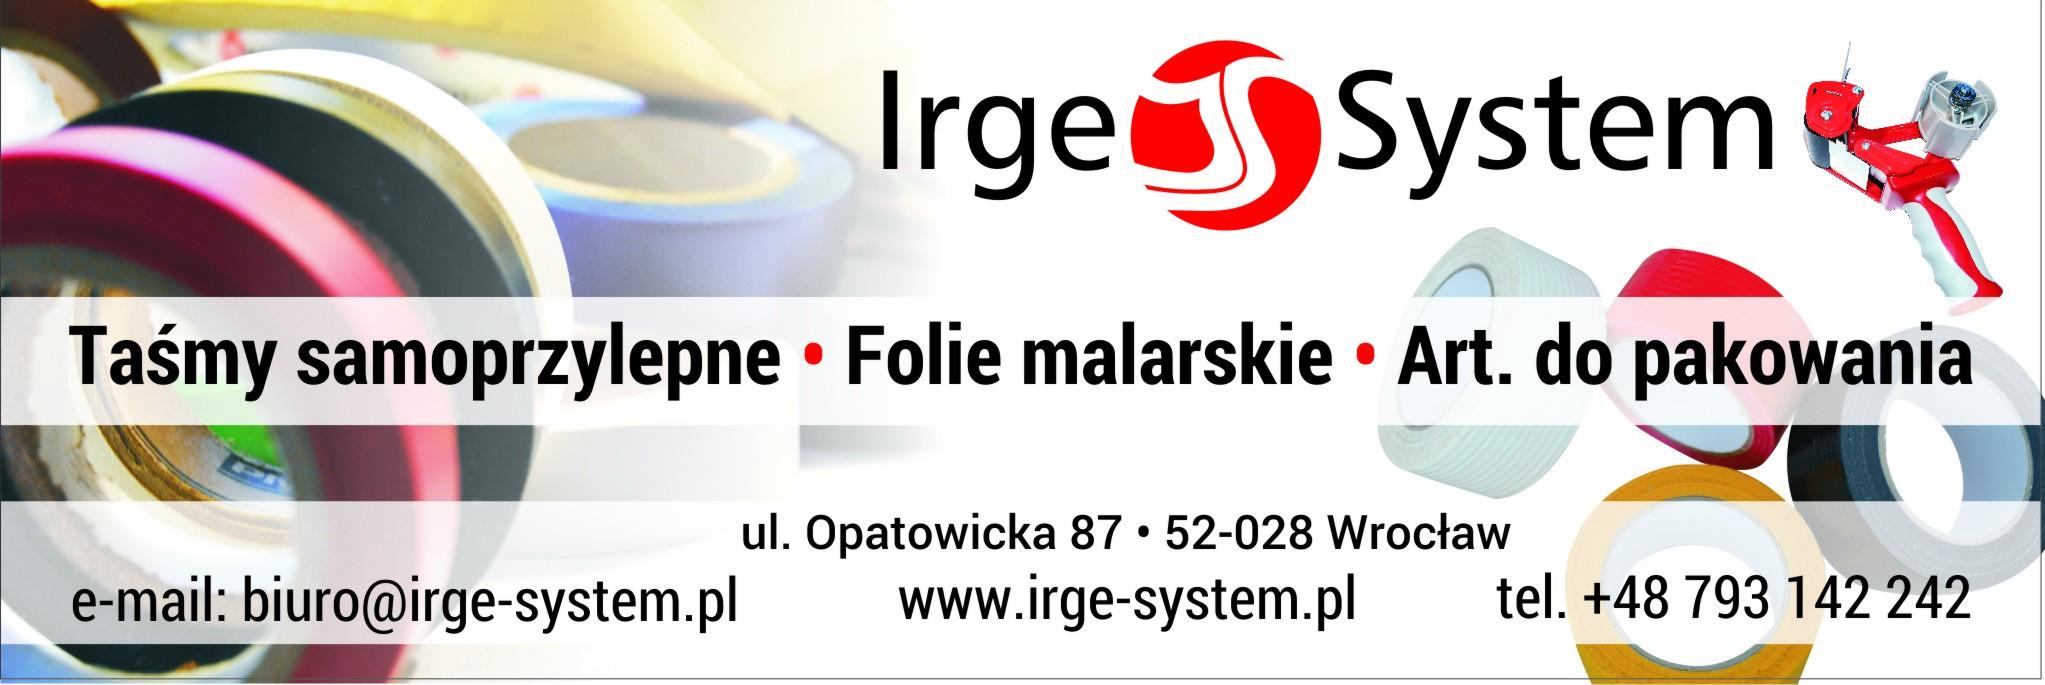 Irge-system, sprzedaż taśm.